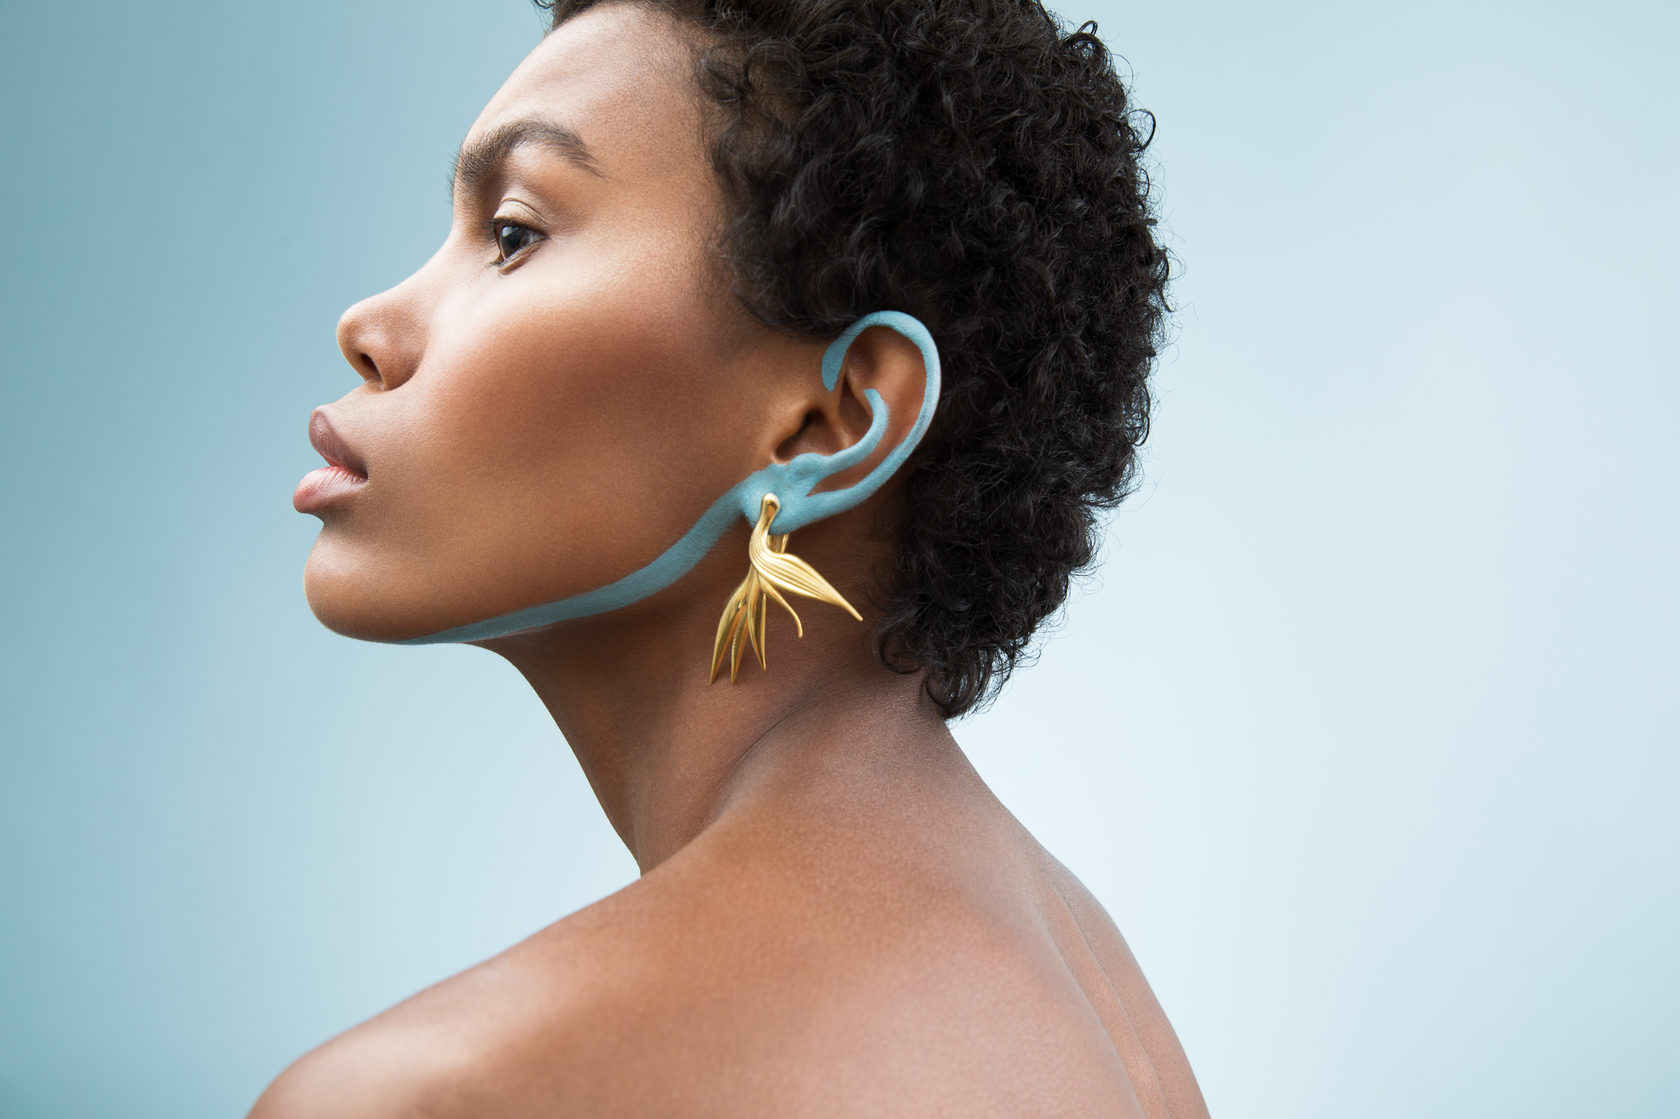 Золотые и позолоченные украшения. Серьги. Яркий стиль, индивидуальность, чувство силы.